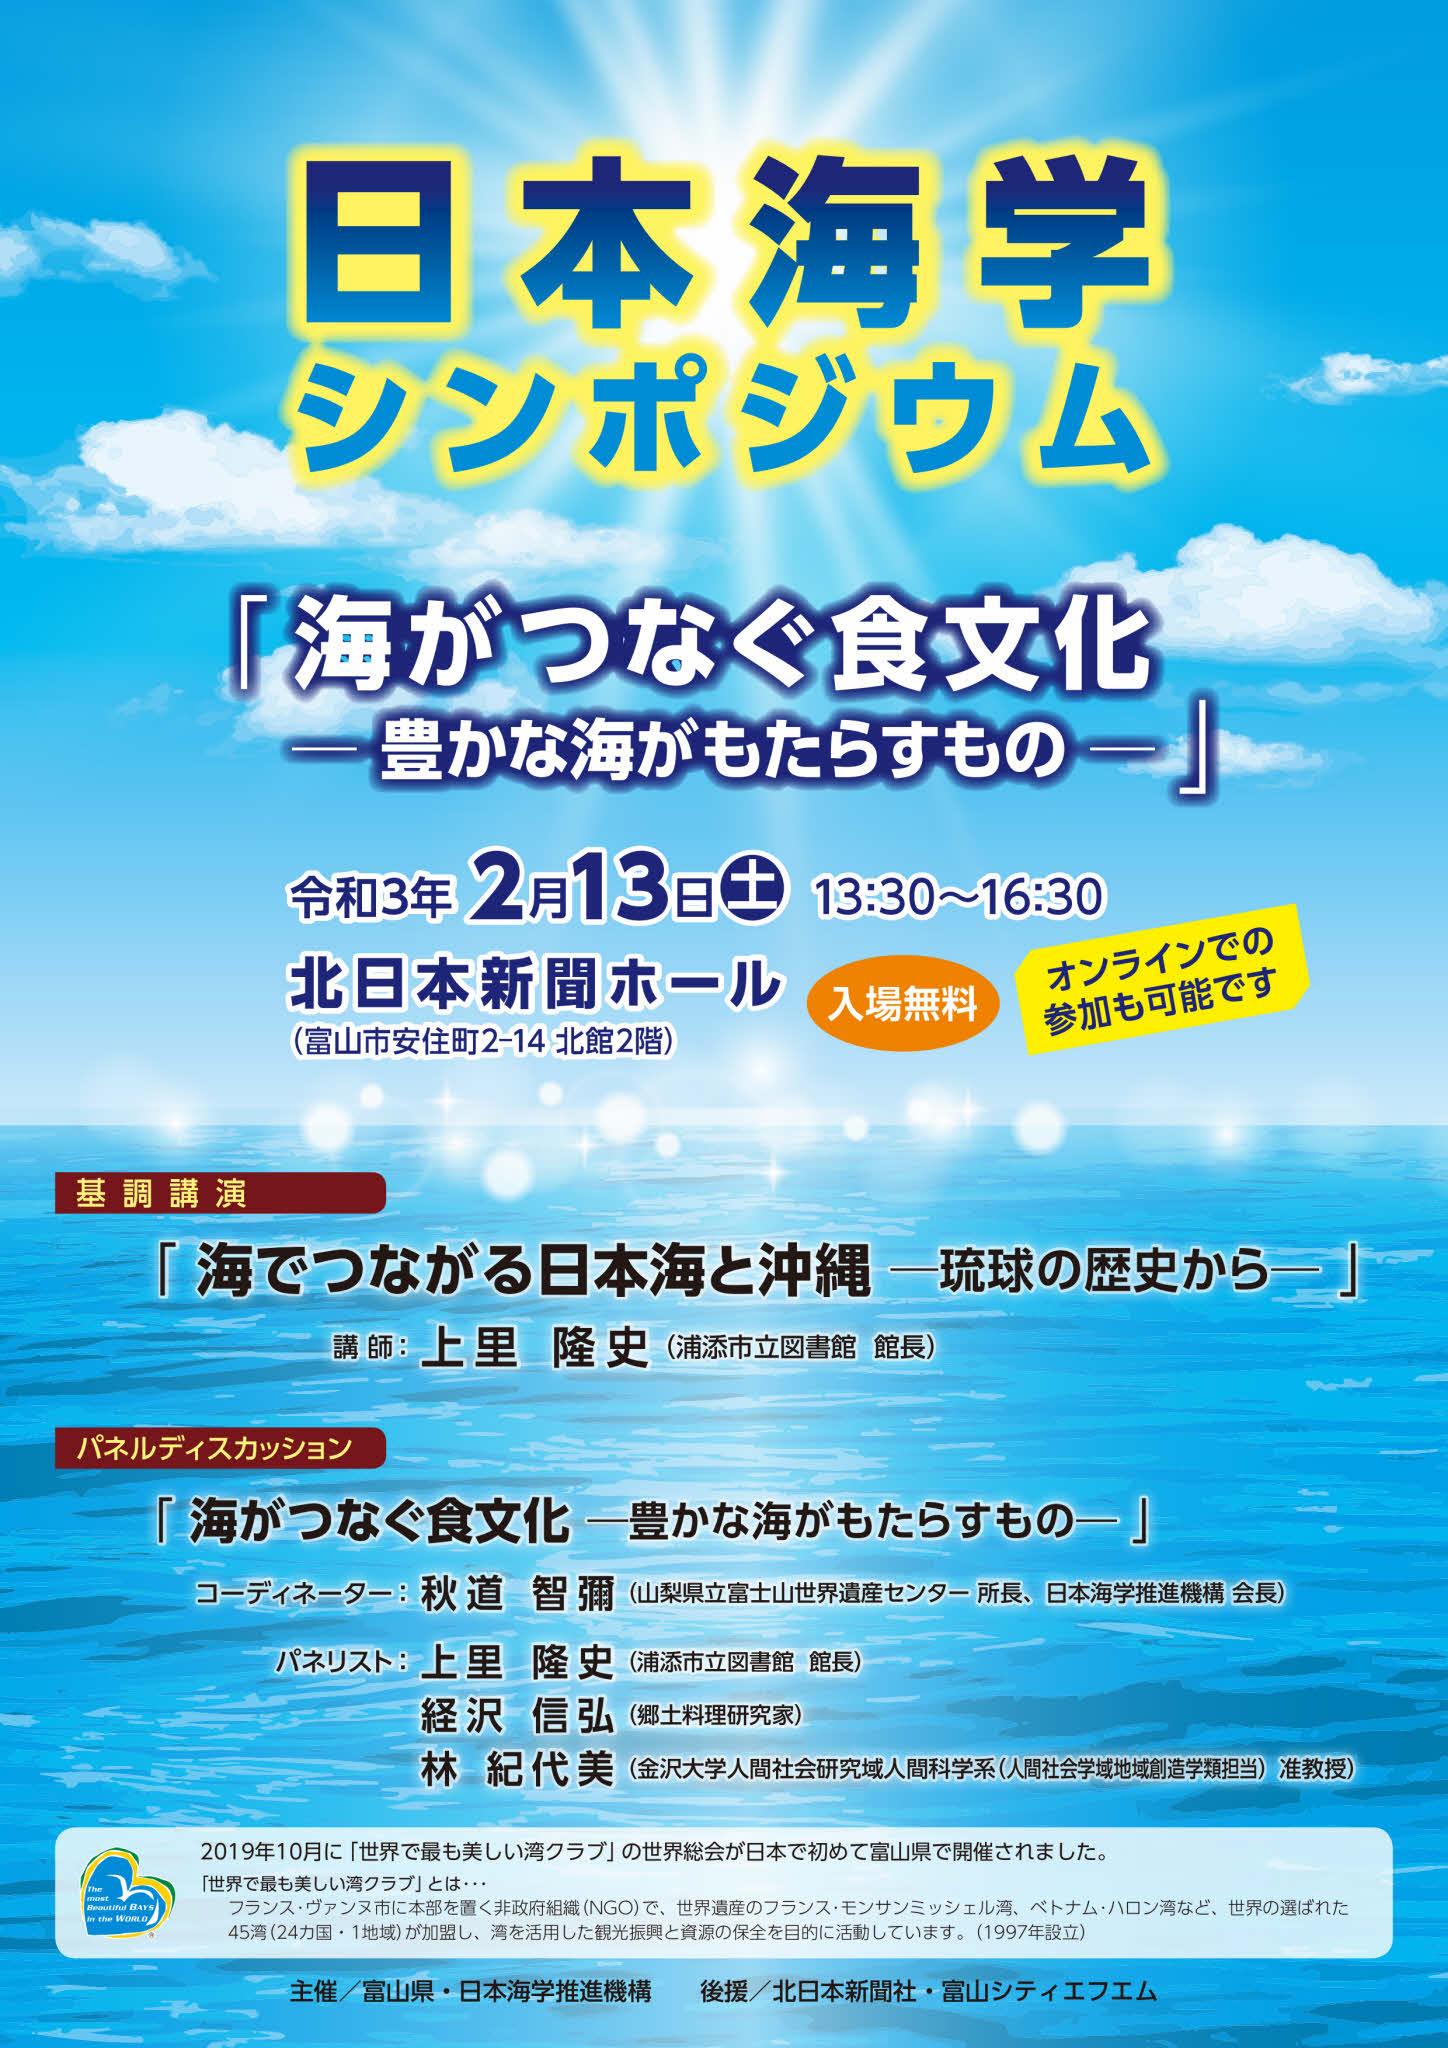 日本海学シンポジウムチラシ